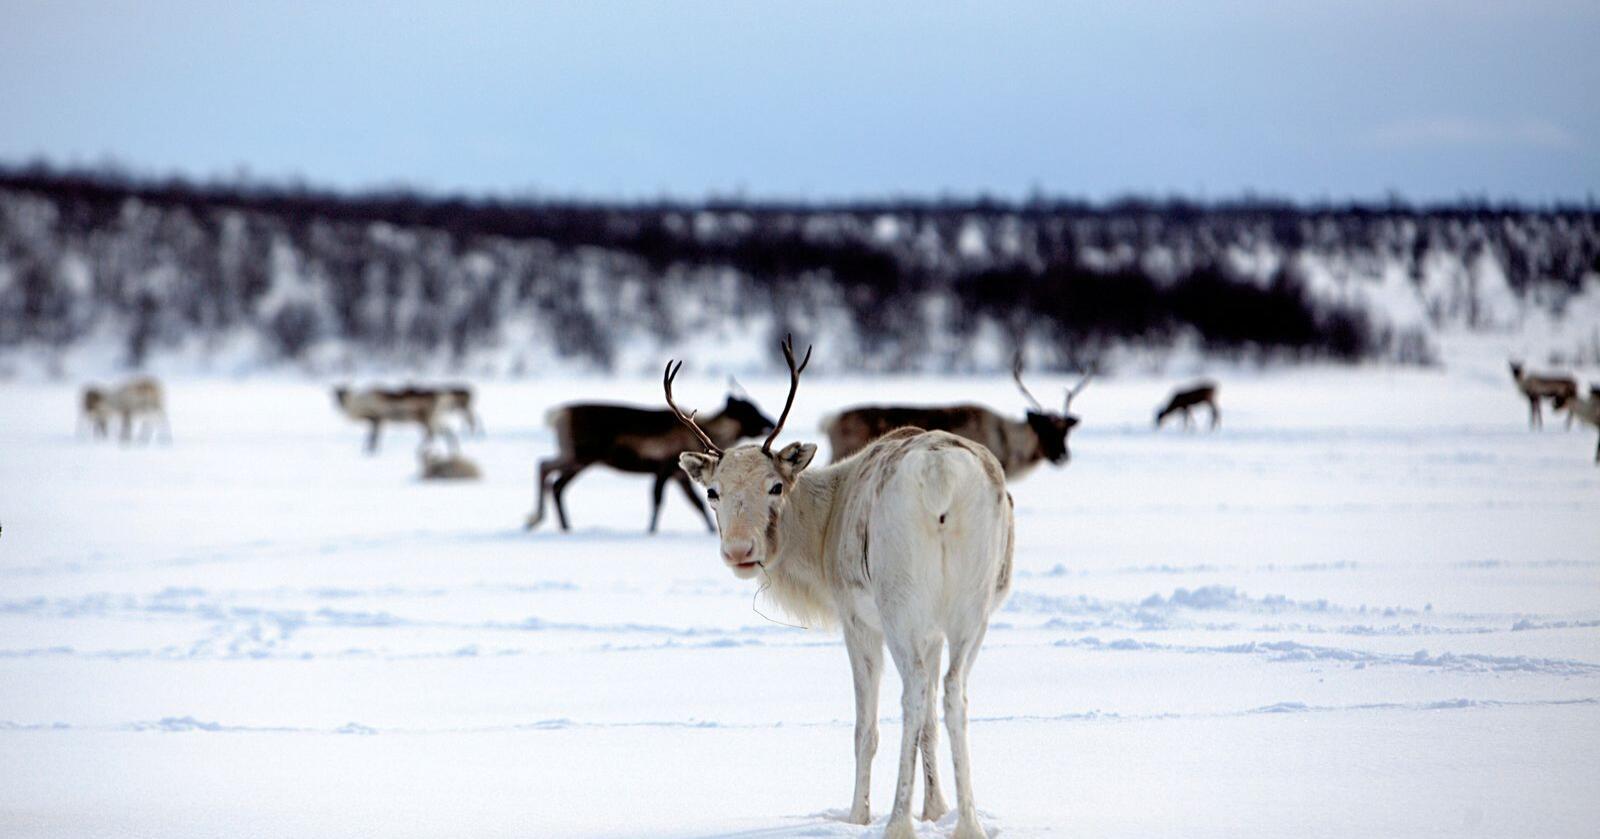 Ein normal snøvinter, som denne på biletet, kan reinen sparke seg gjennom snøen for å finne mat. I vinter har store snømengder ført til fôrkrise for reinen fleire stader i Nordland, Troms og Finnmark. Foto: Stian Lysberg Solum / NTB scanpix